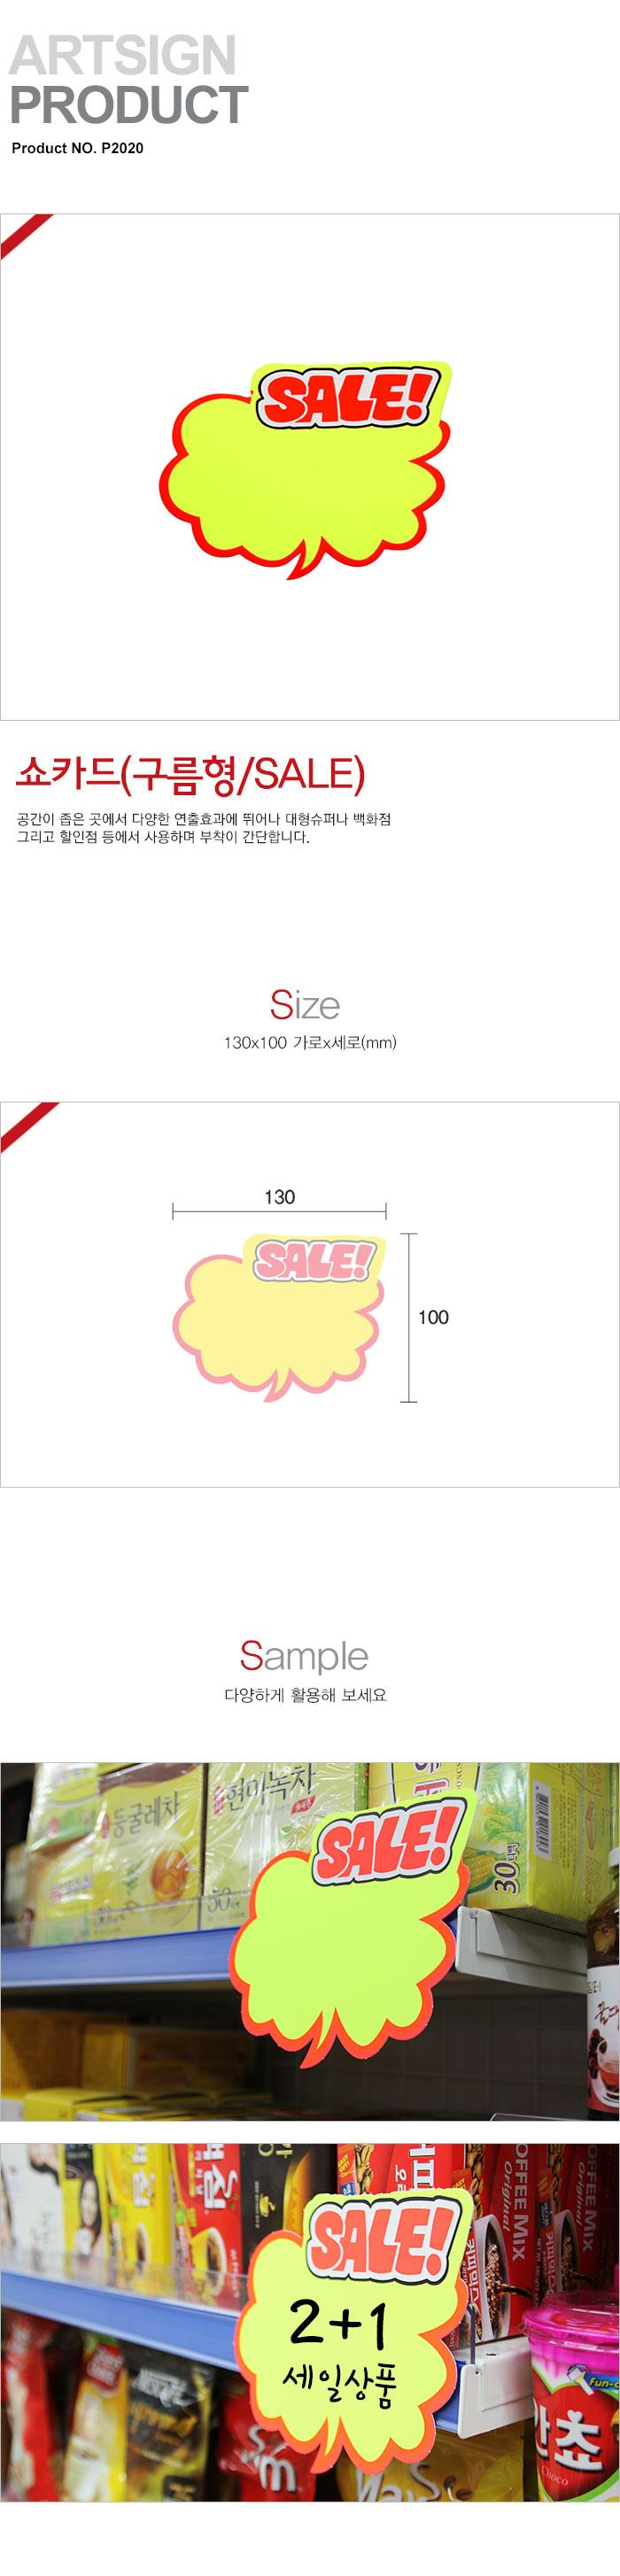 쇼카드 구름형 (SALE) 6개입 P2020 - 아트사인, 2,500원, 문패/보드, 아크릴문패